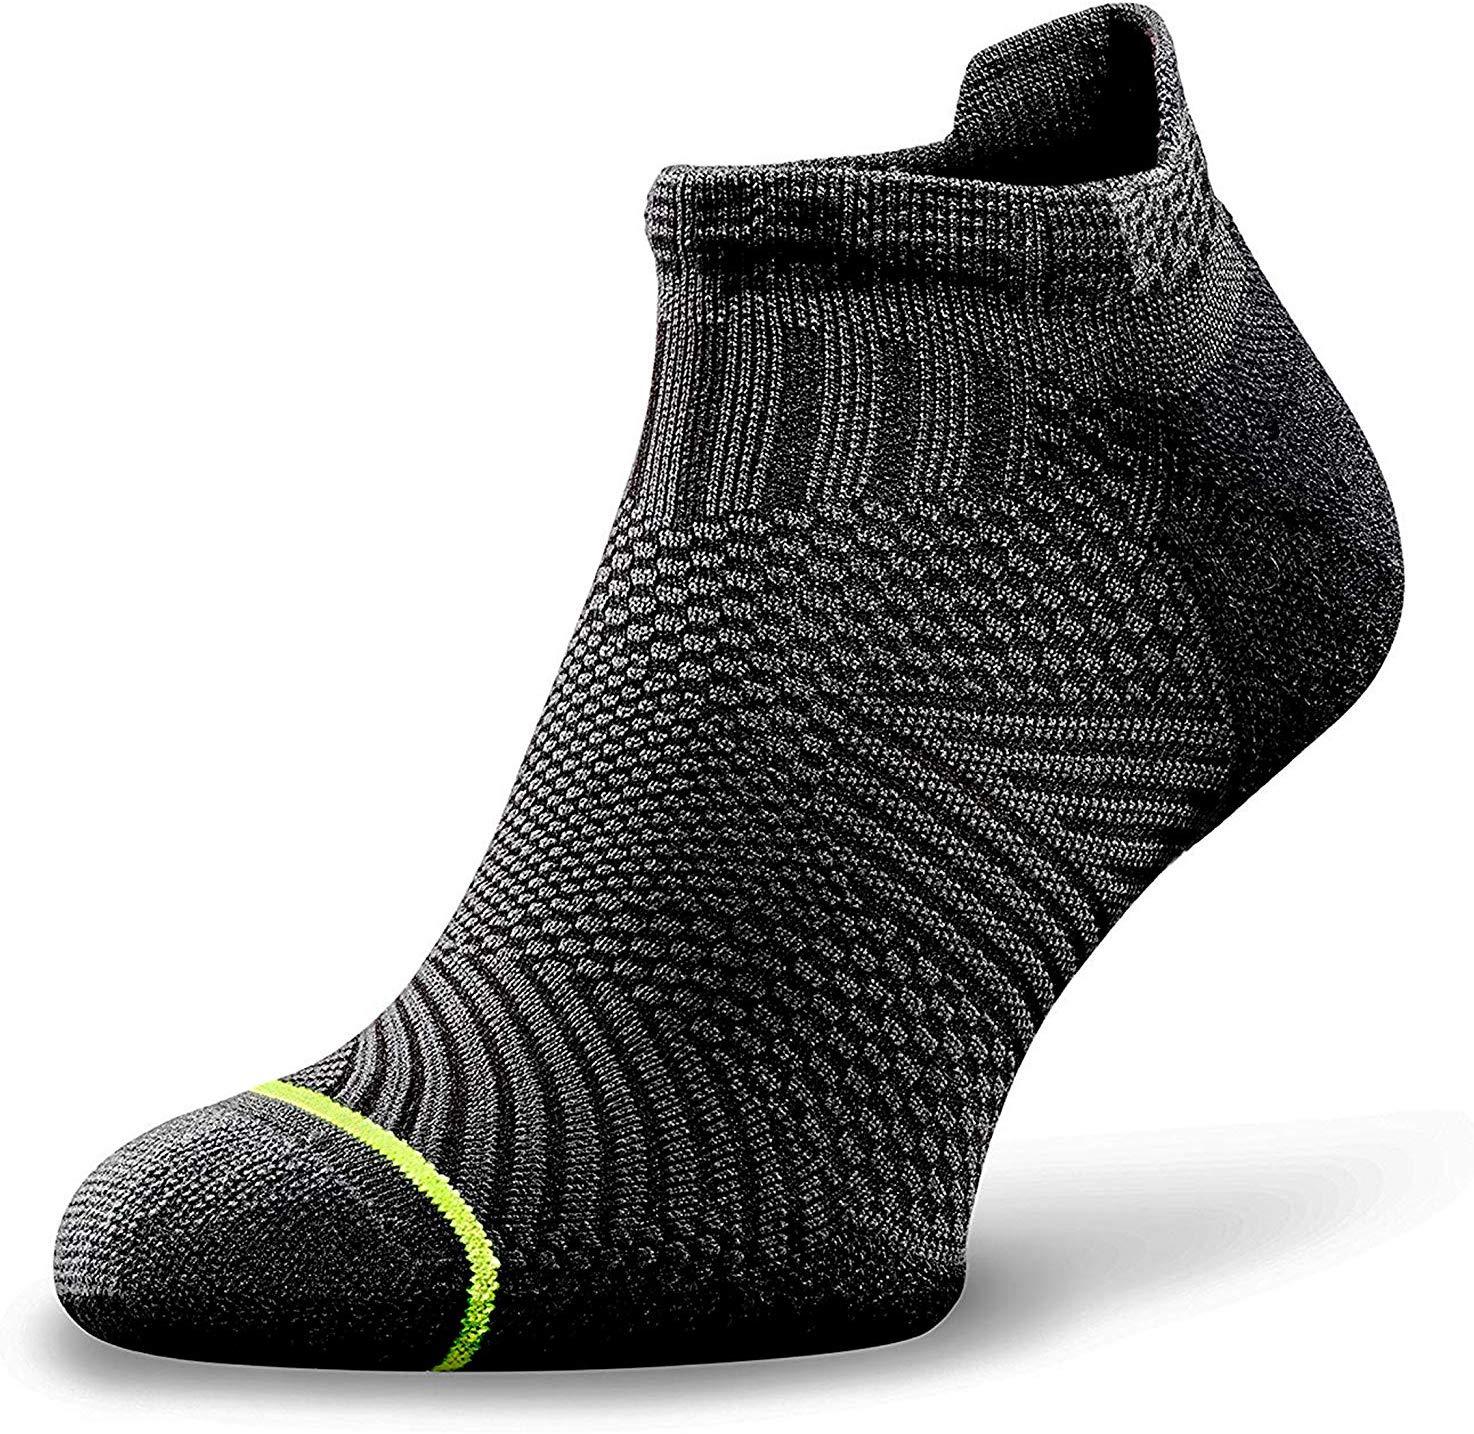 Rockay Accelerate Anti-Blister Running Socks for Men and Women